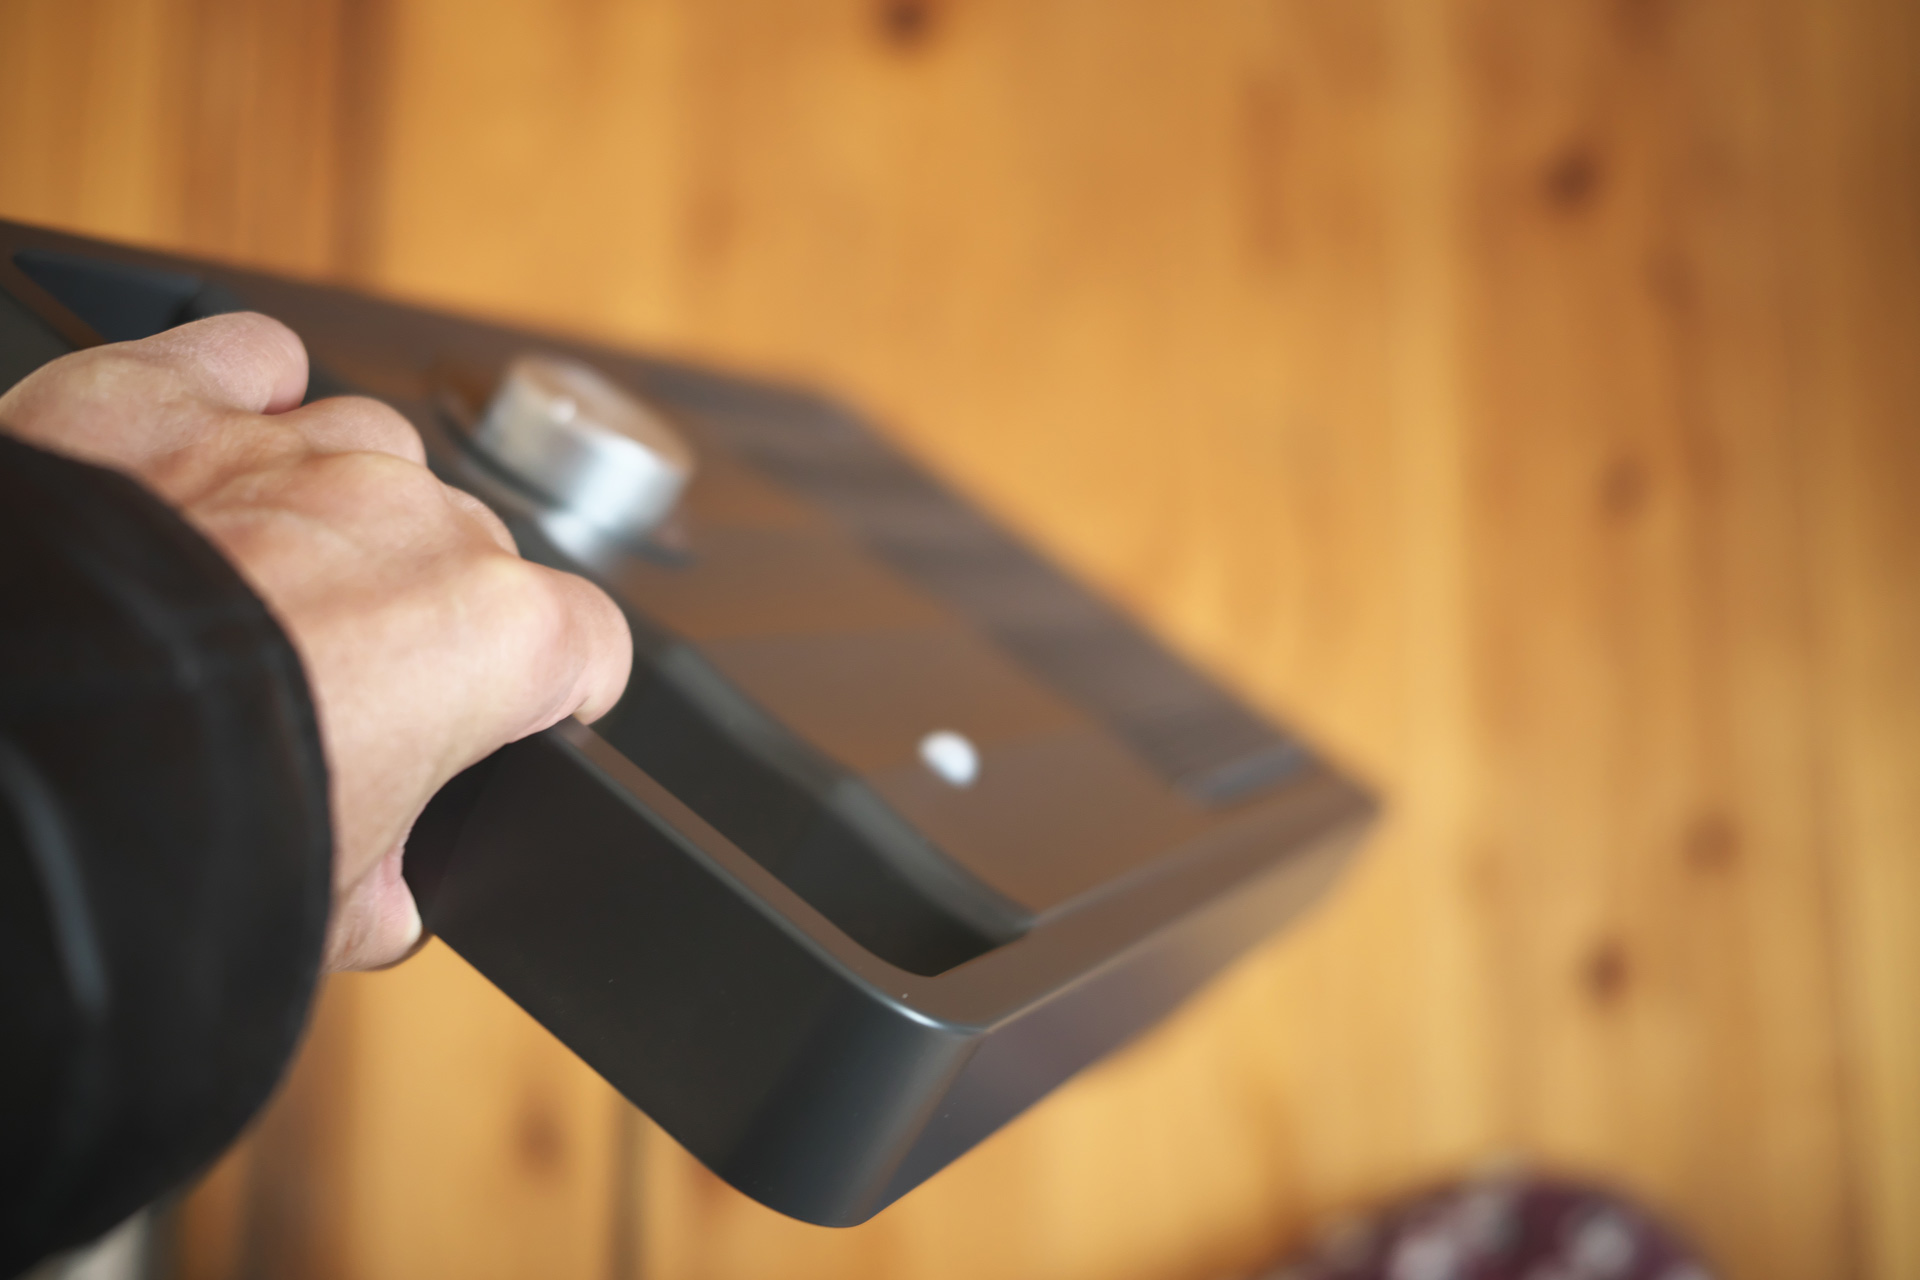 取っ手がついて軽くて持ち運び楽々:人感センサー付セラミックファンヒーター「NAFCO W-01」